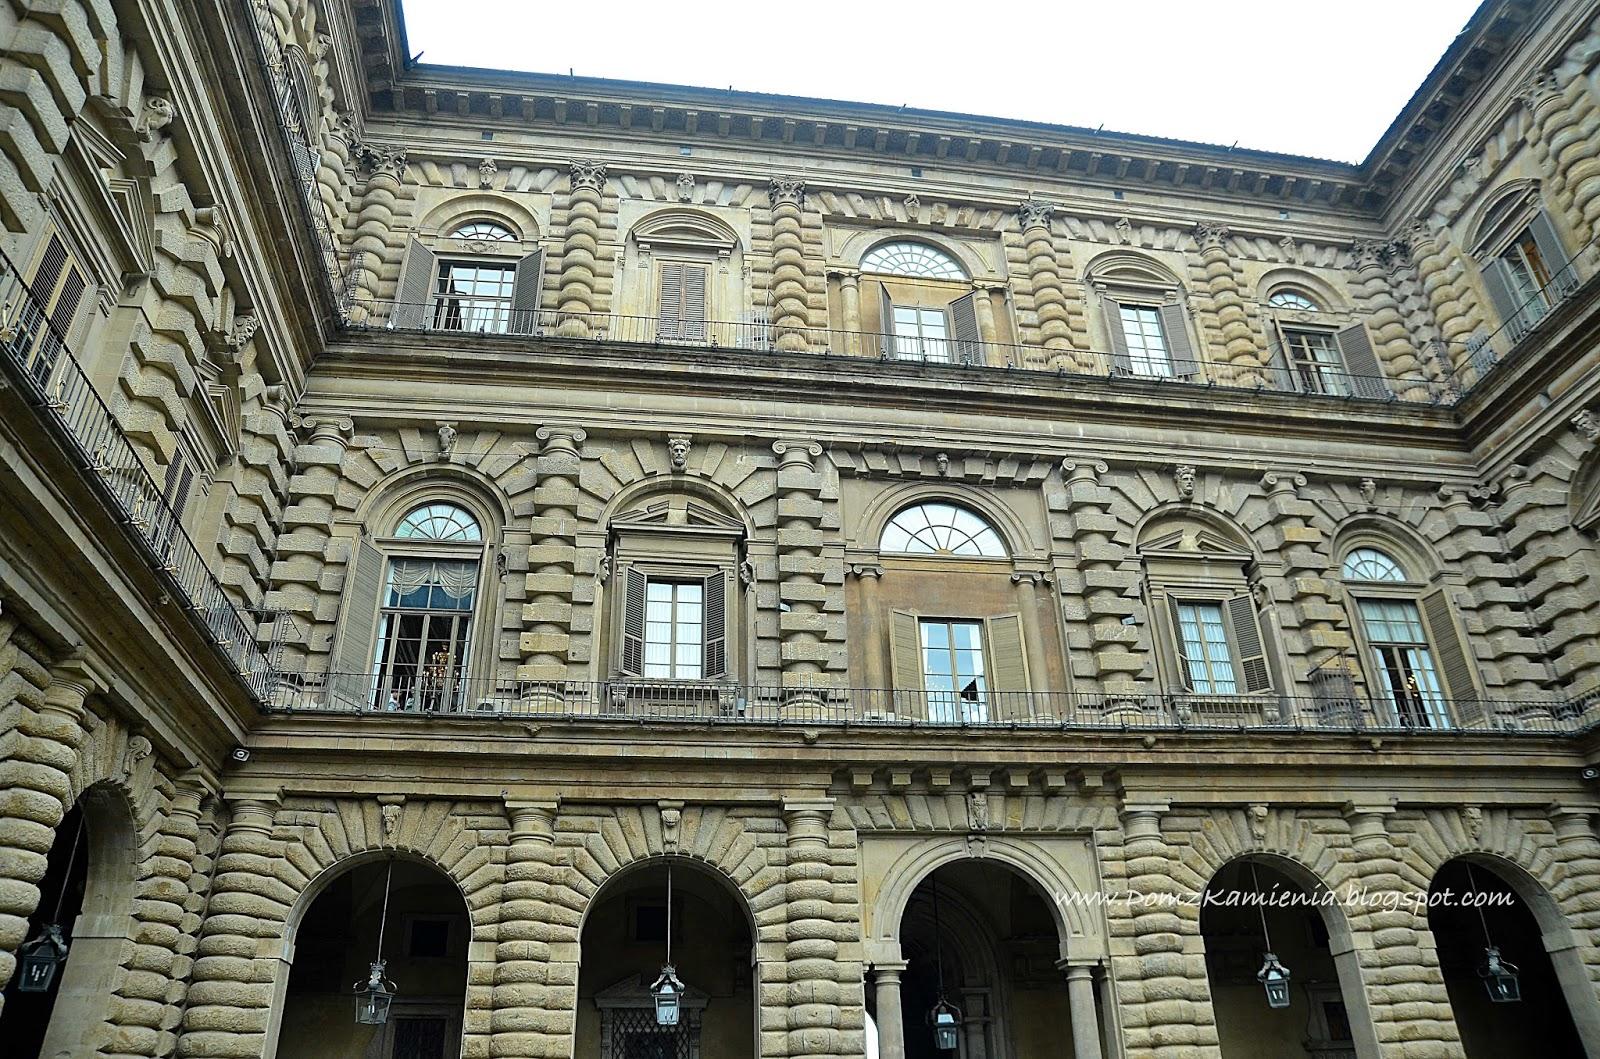 Dom Z Kamienia Florenckie Wojażowanie W Deszczu Akt 2